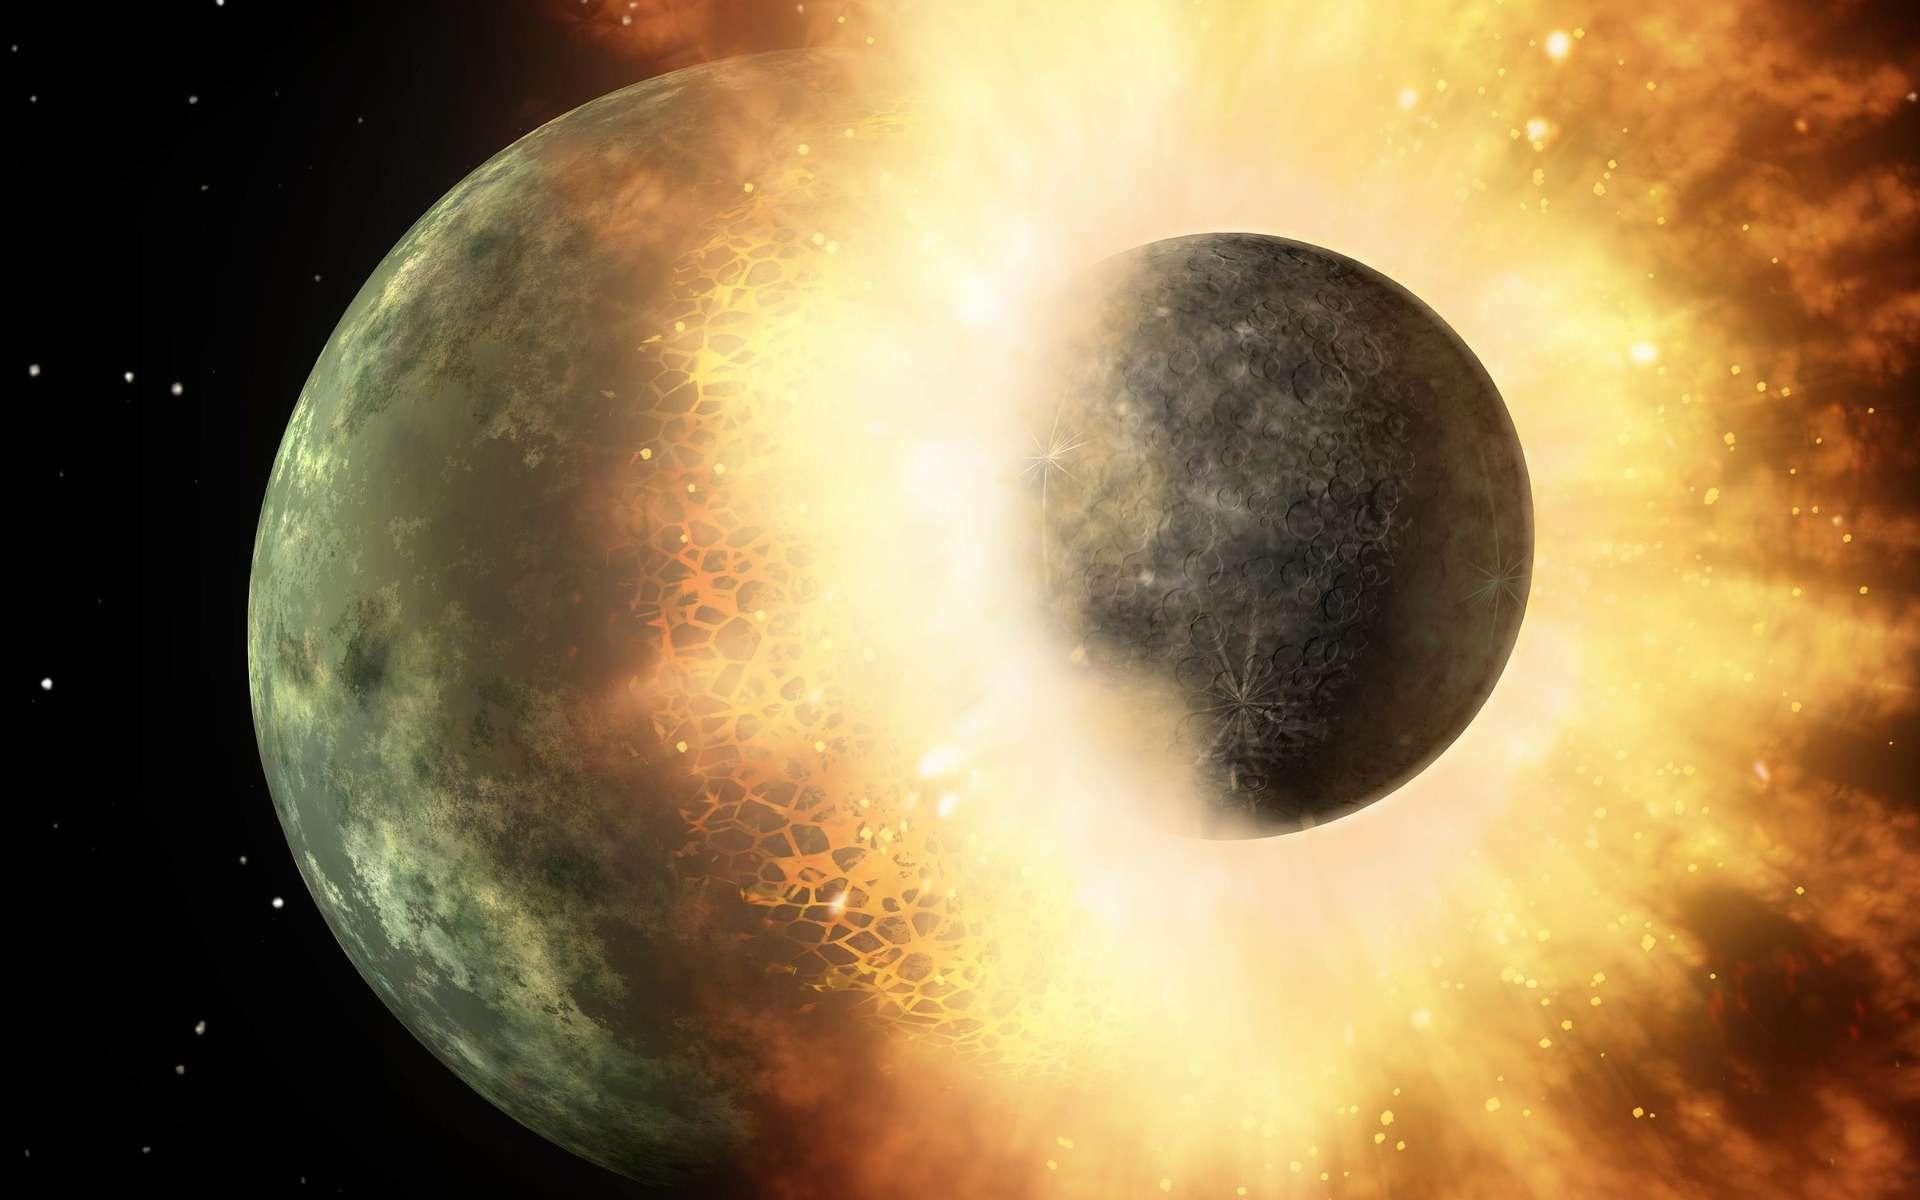 De nouveaux modèles décrivant les mécanismes des collisions ayant mené à la formation des planètes solides du Système solaire permettent de comprendre pourquoi les débris de ces collisions sont manquants. © David Mark, Pixabay